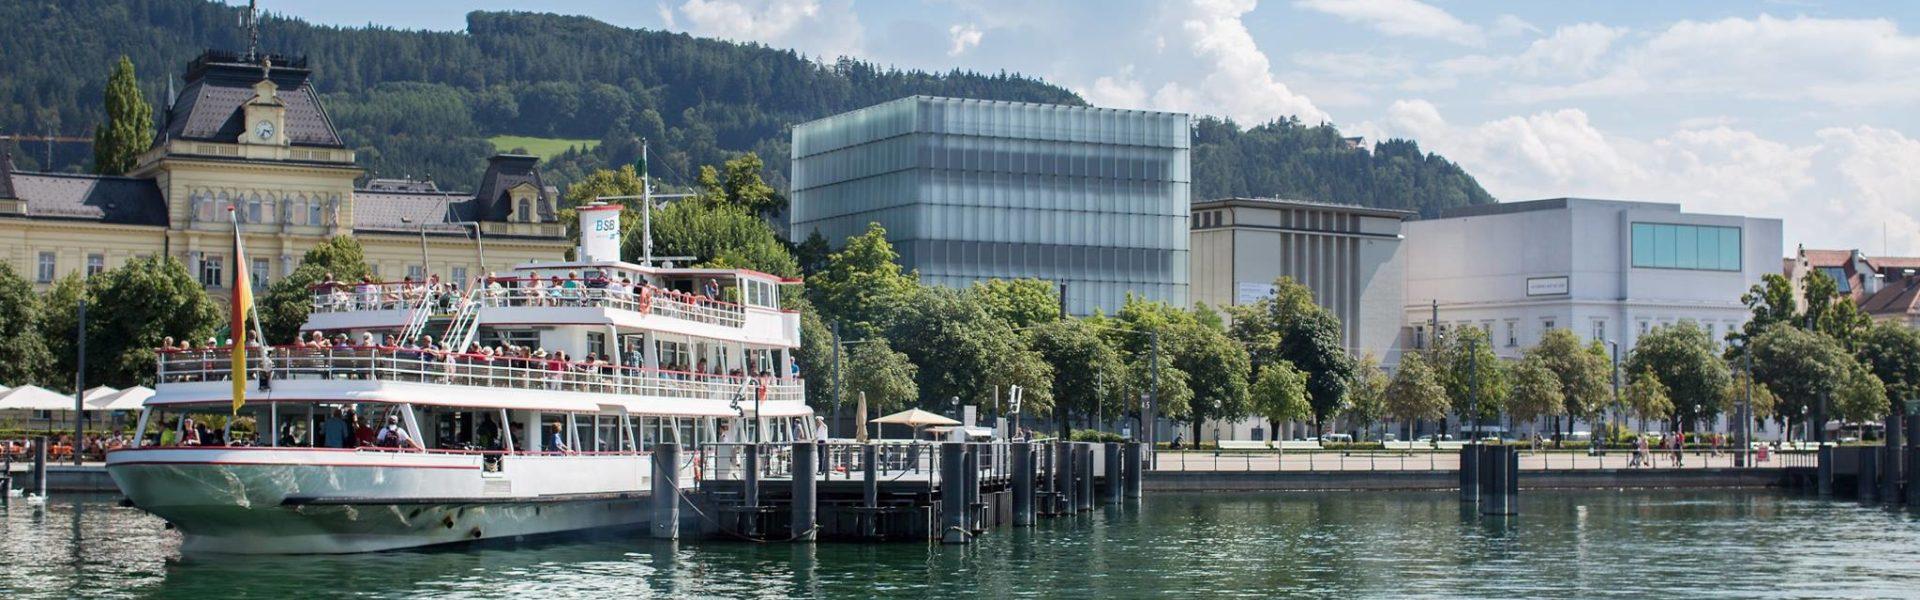 Bregenz, Schiff der Vorarlberg Lines im Hafen, Kunsthaus Bregenz, vorarlberg museum (c) Petra Rainer